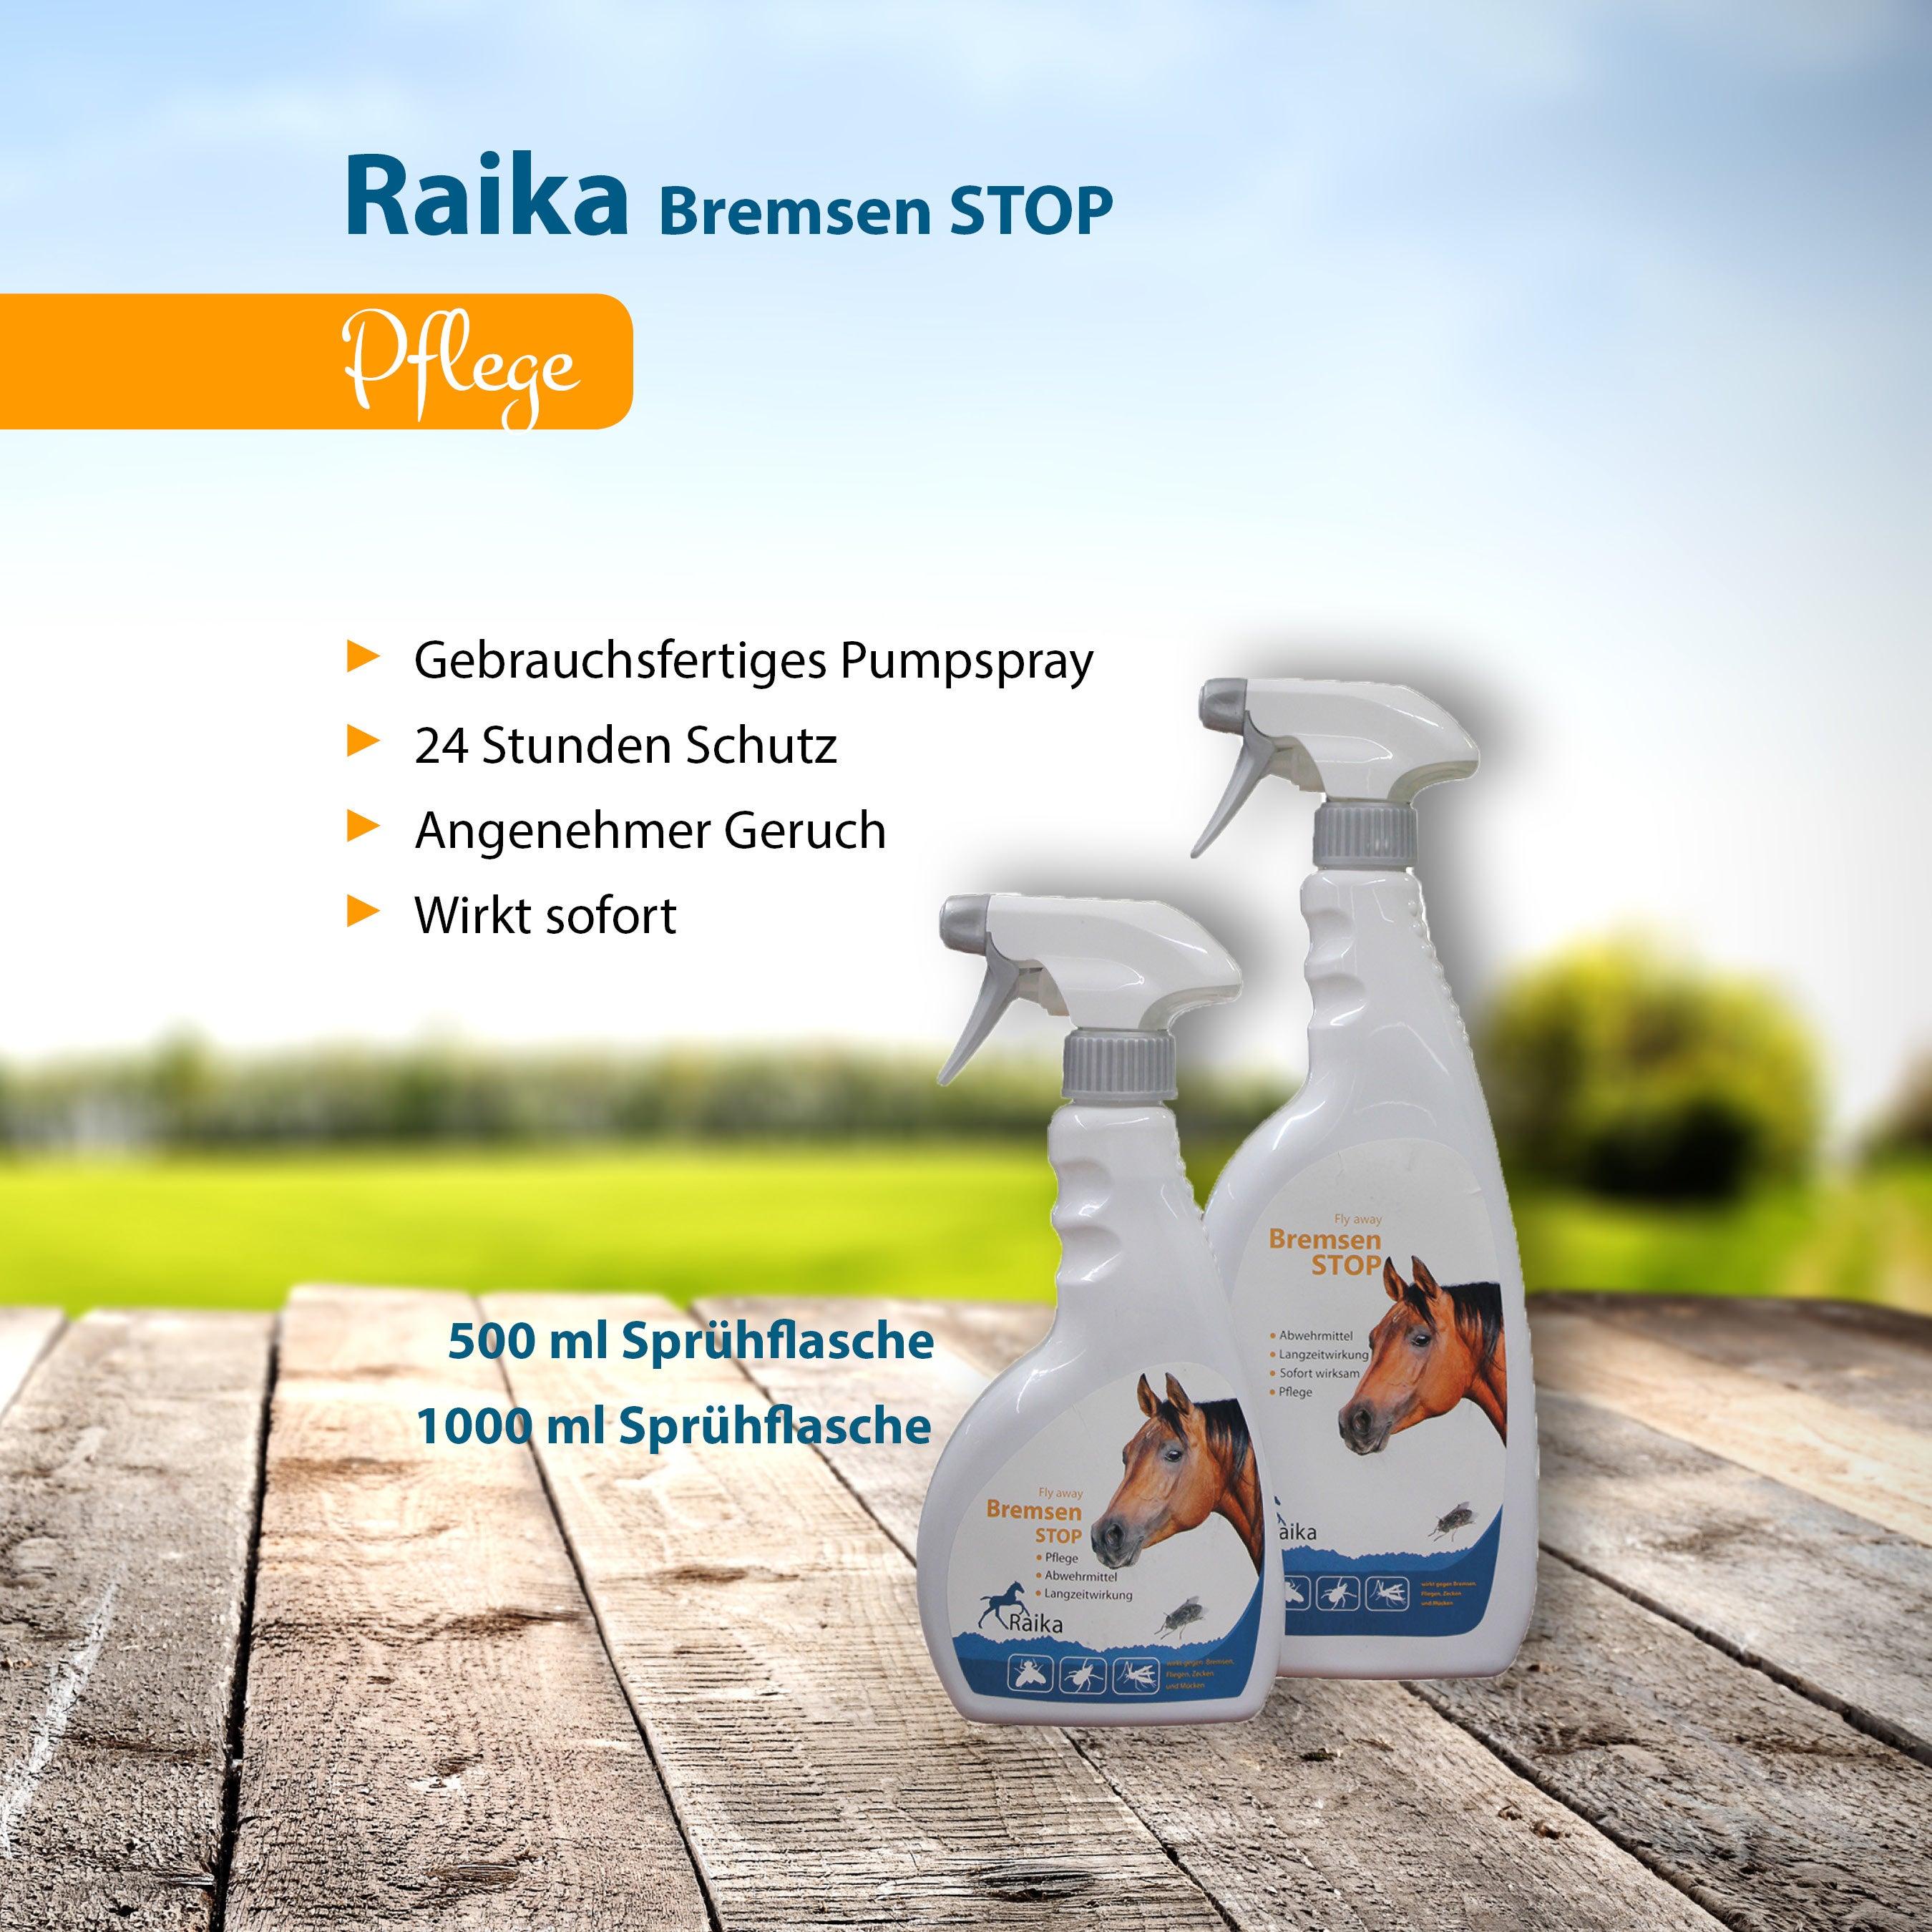 Raika Bremsen STOP